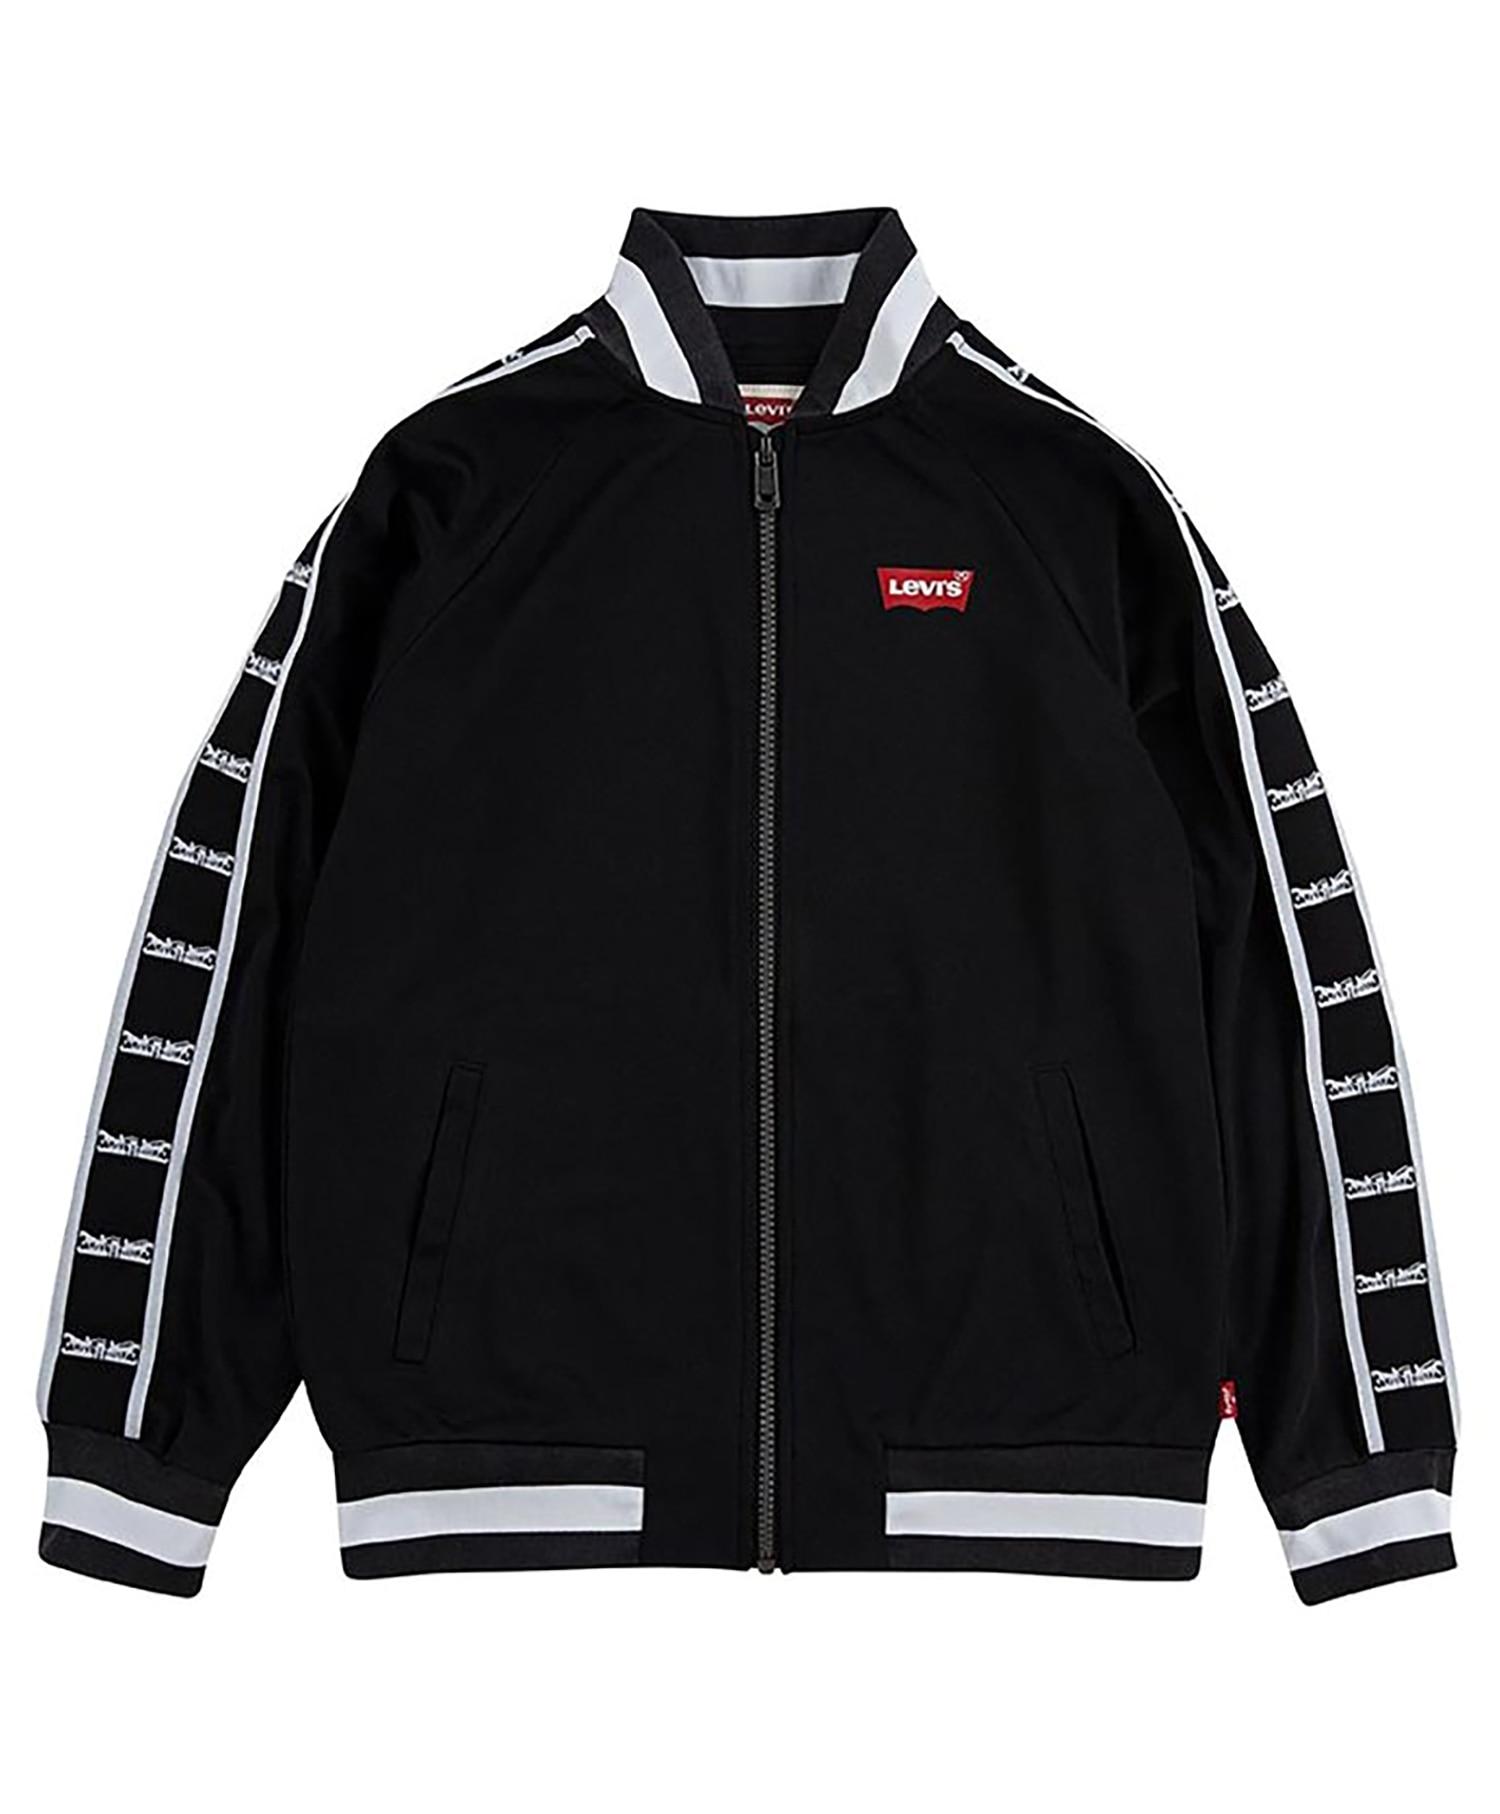 Levis jakke